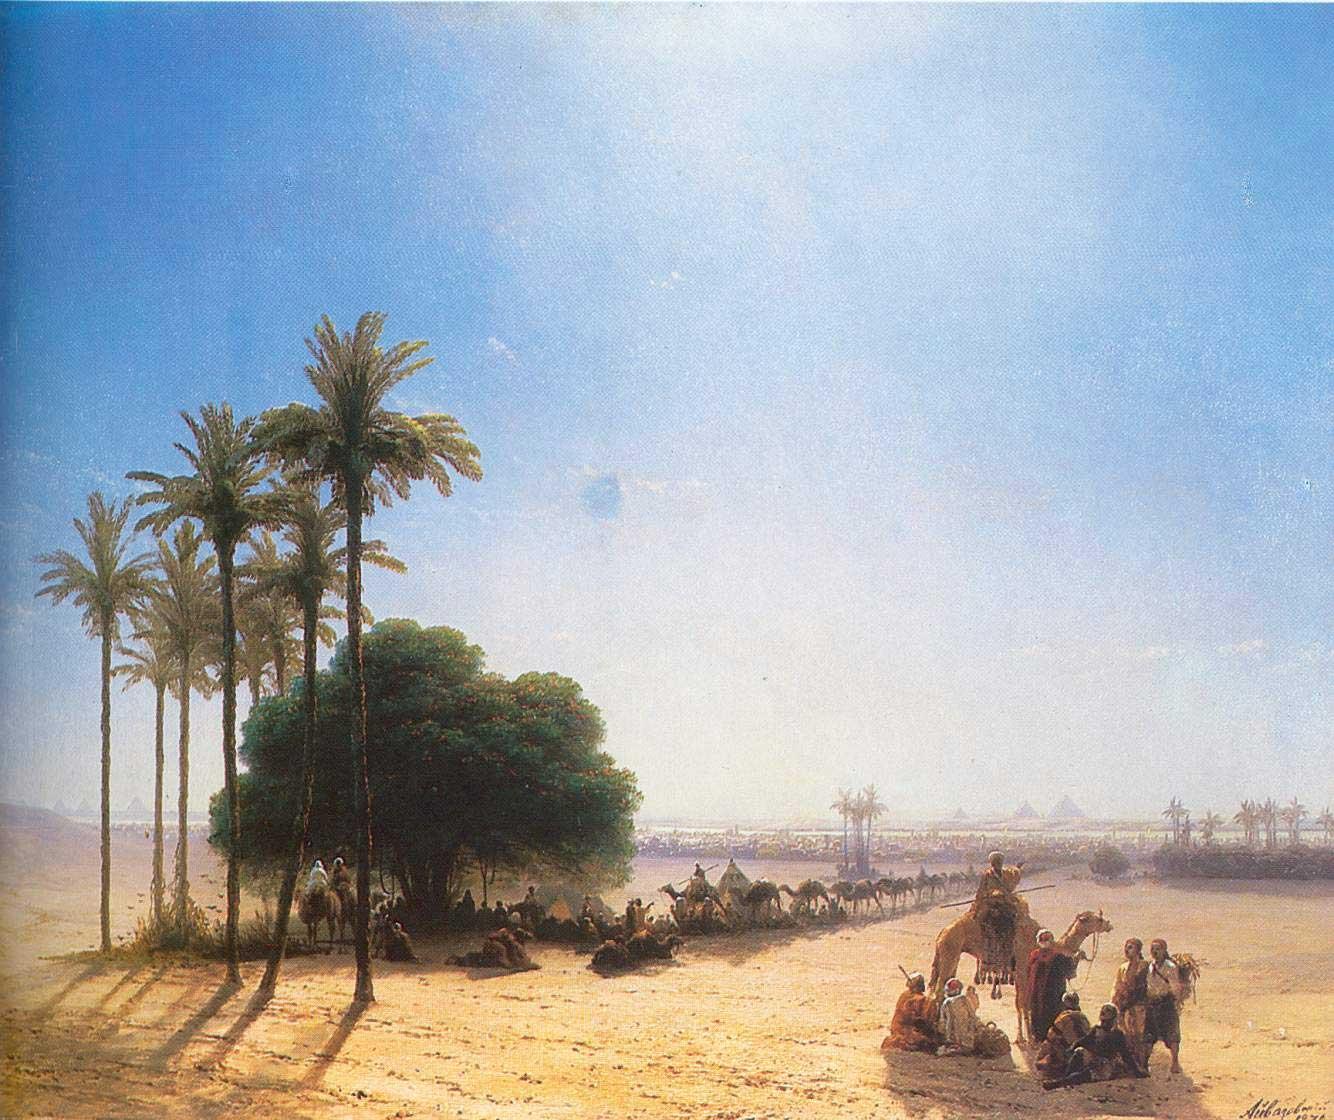 караван в оазисе. египет 1871